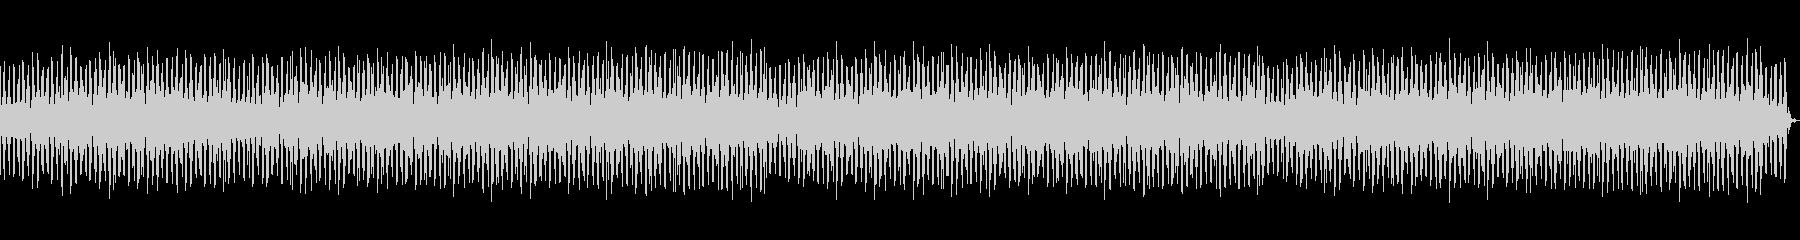 ジャングルっぽいゆったりしたレゲエの未再生の波形